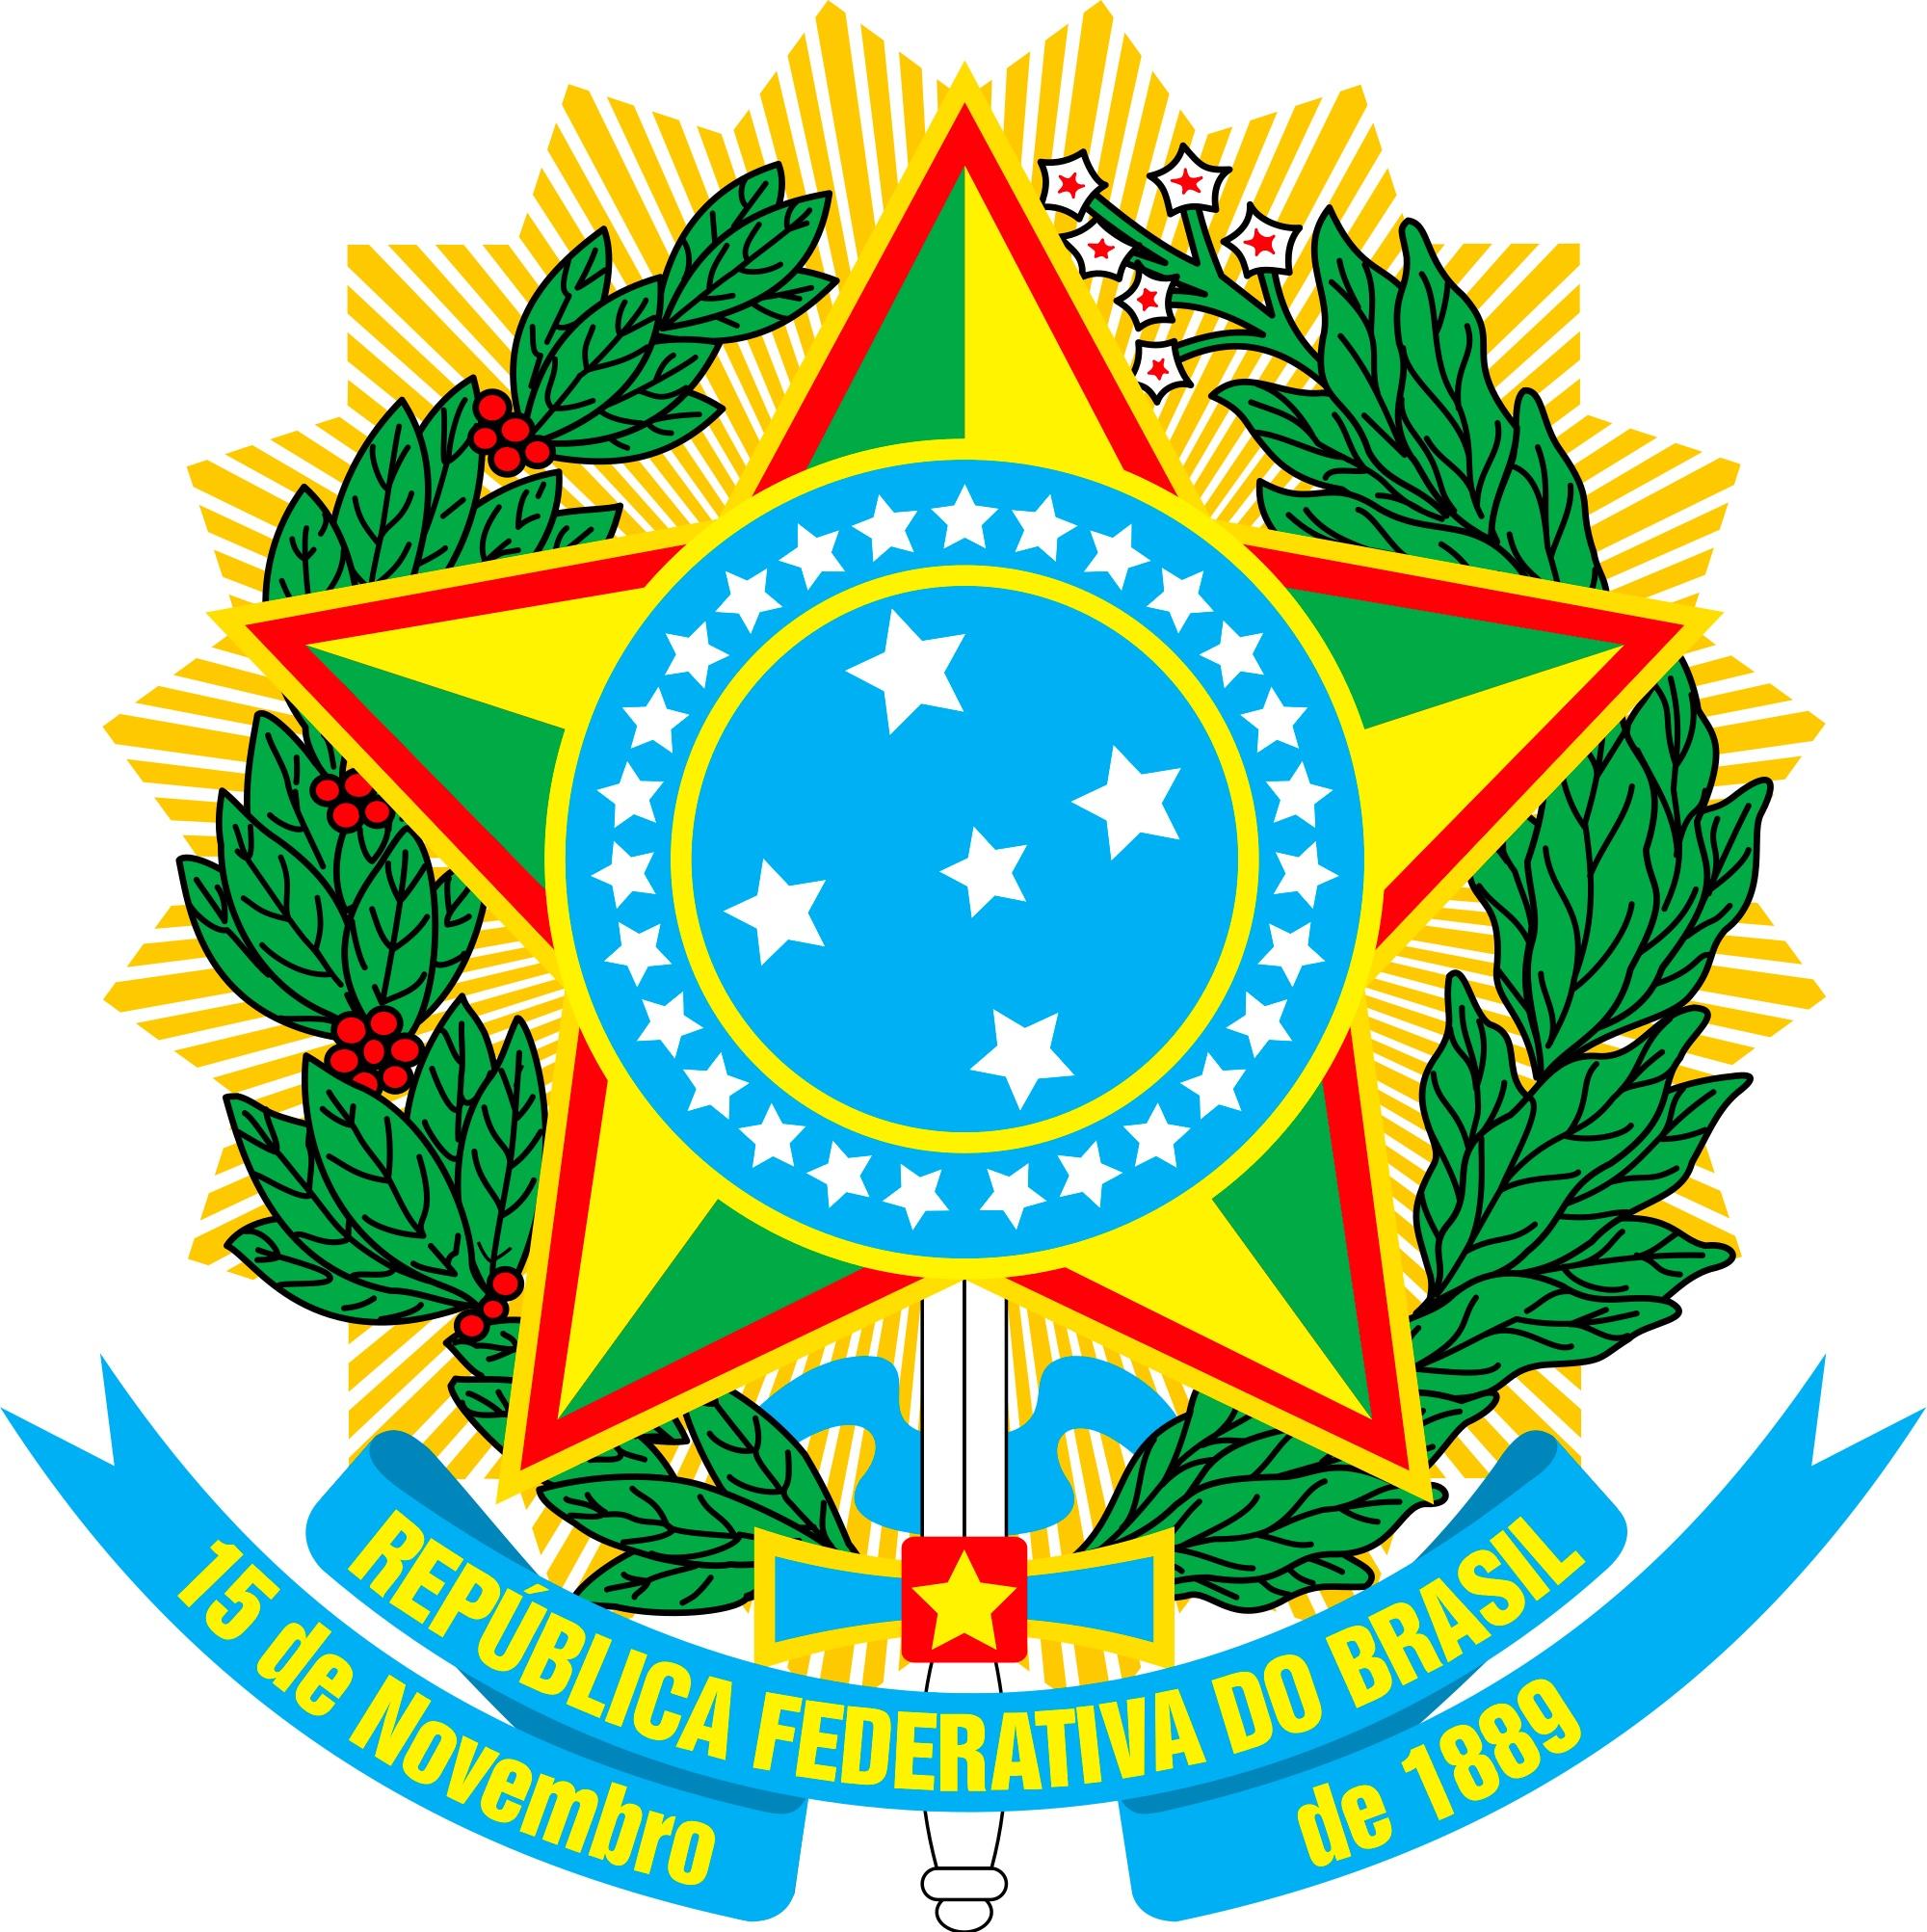 Wappen: Brasilien